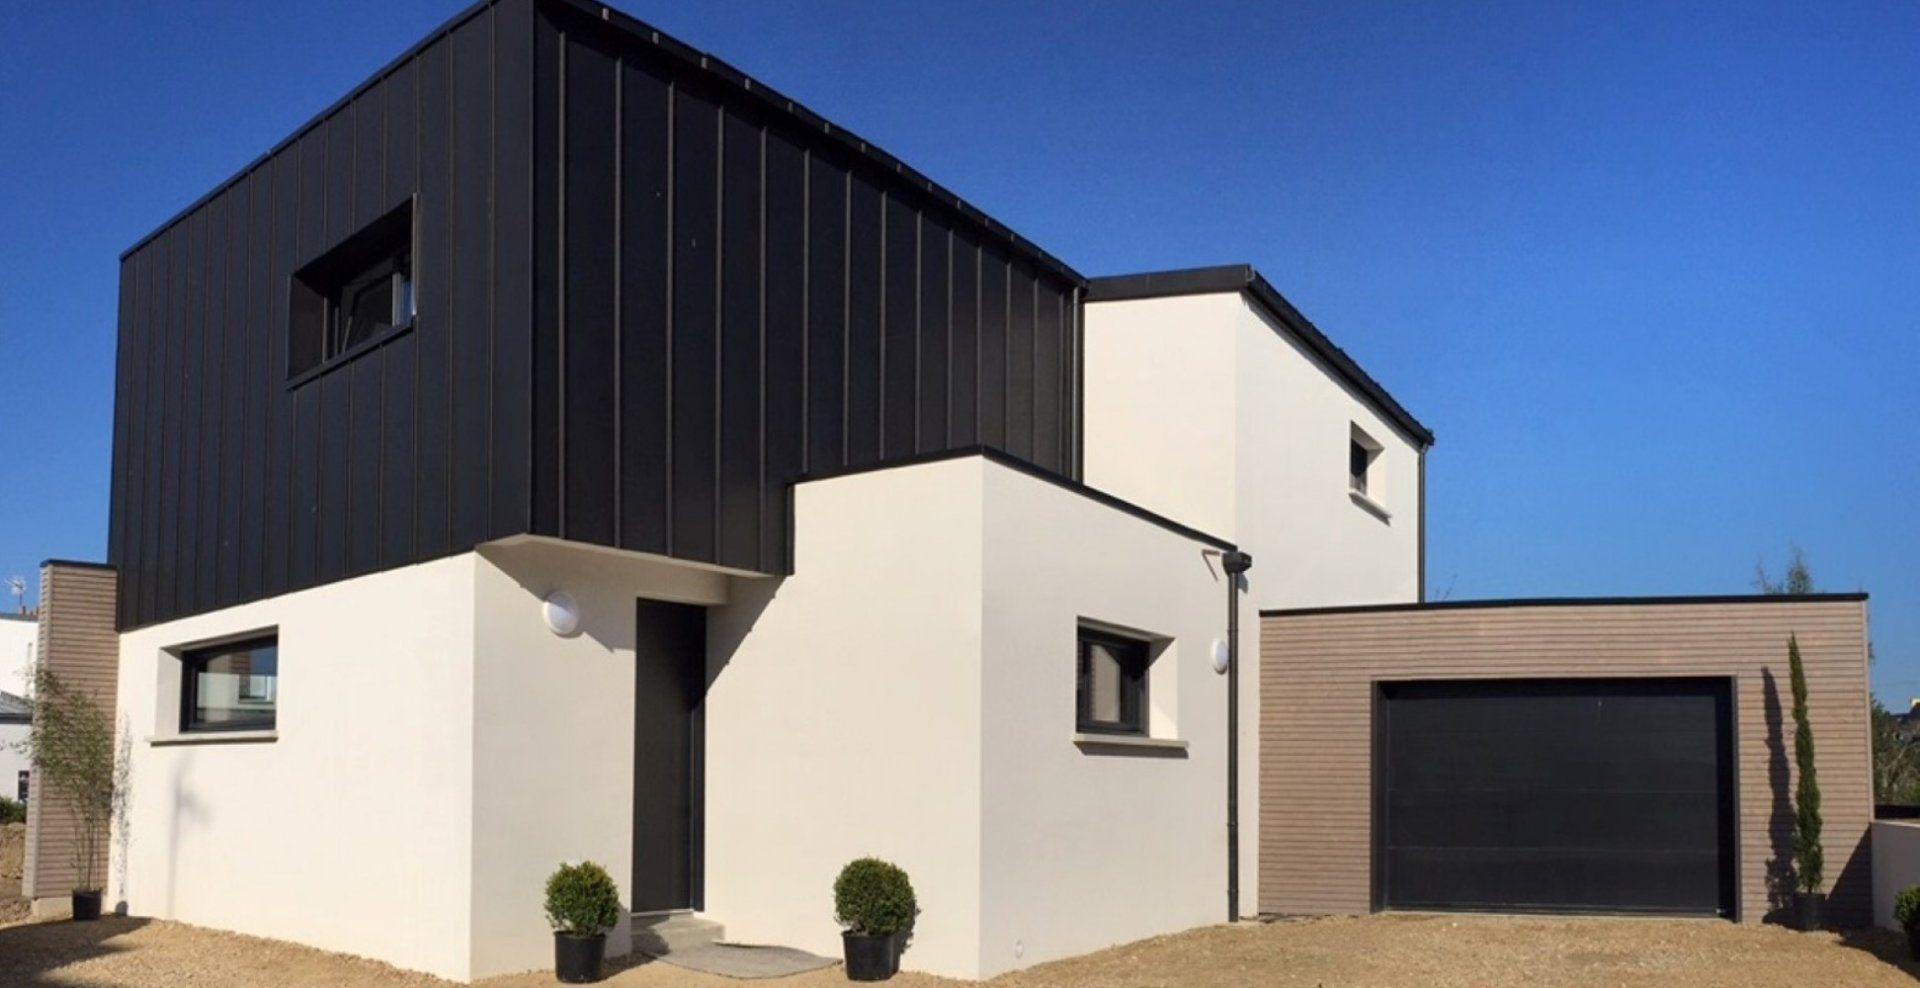 Constructeur Maison Architecture Cubique Et Contemporaine Prix Construction Maison Plan Maison Contemporaine Construction Maison